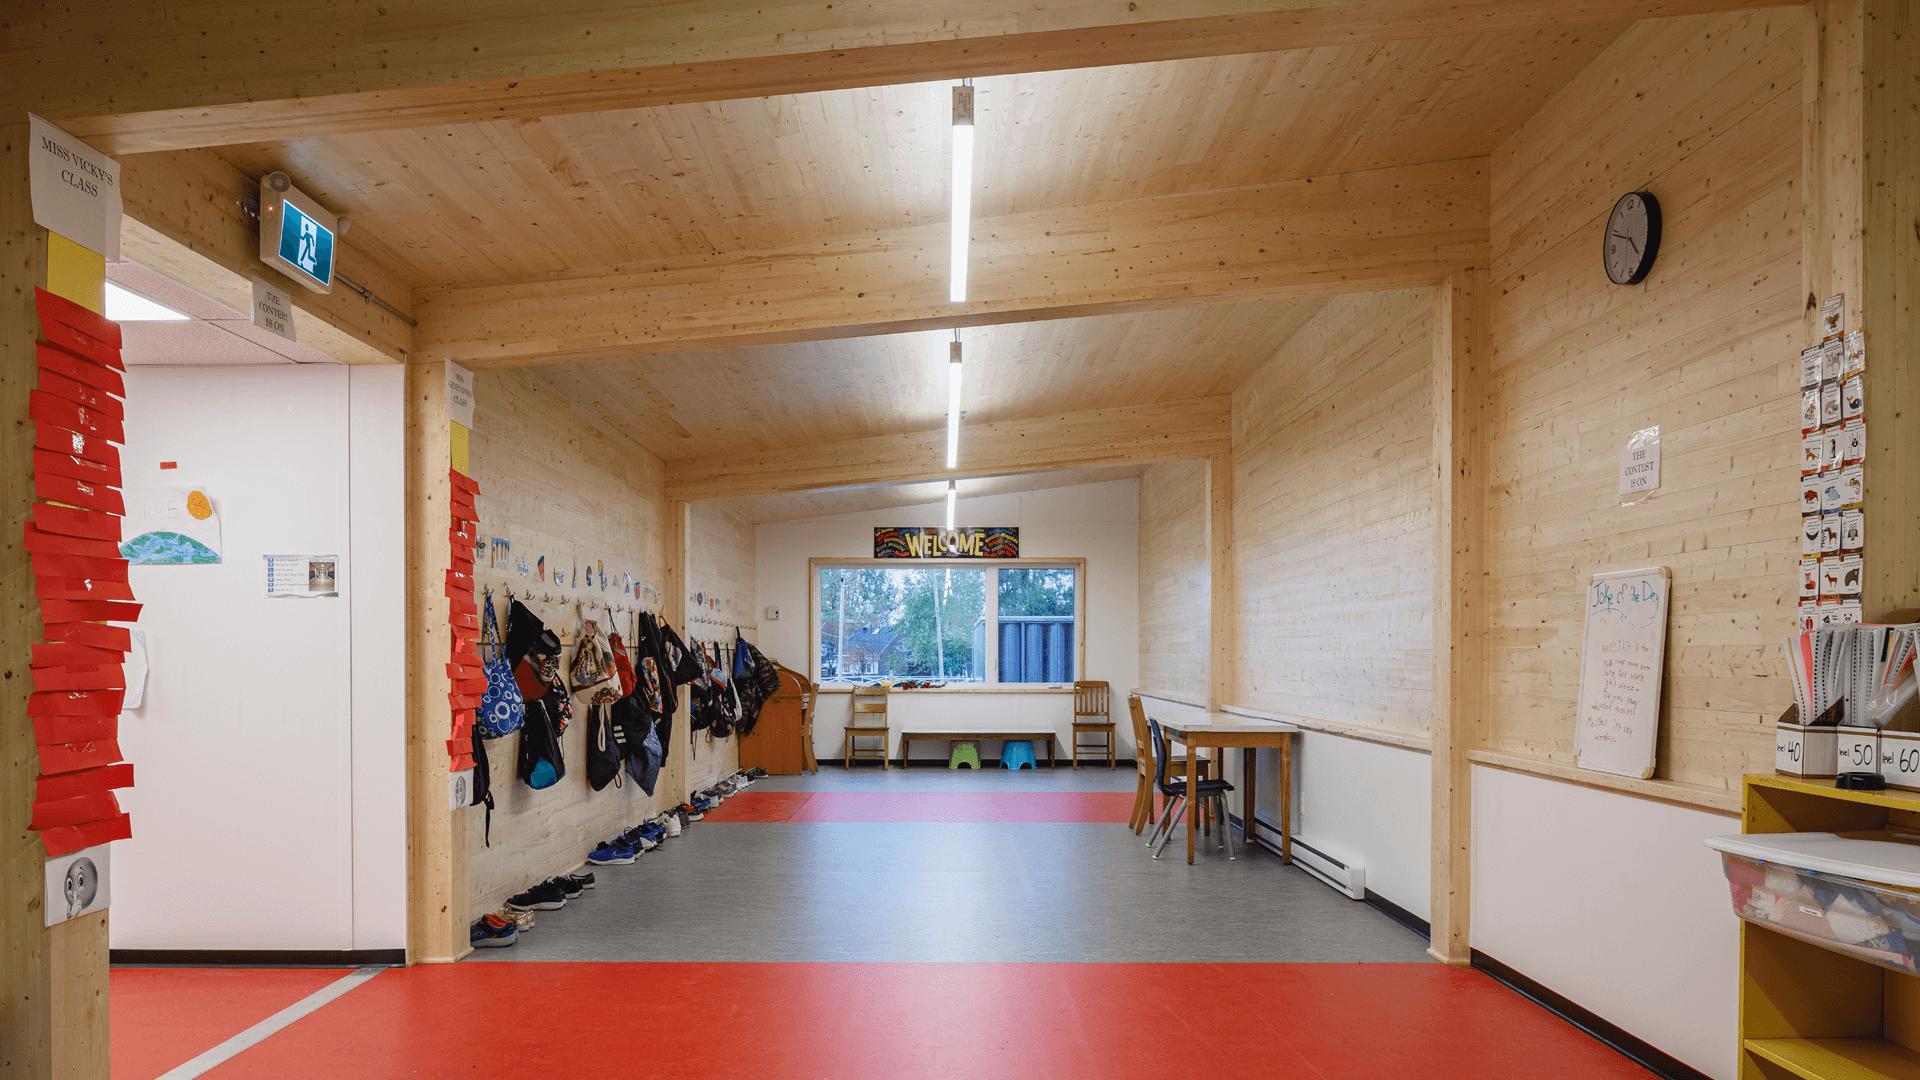 'École primaire Riverside Cecobois